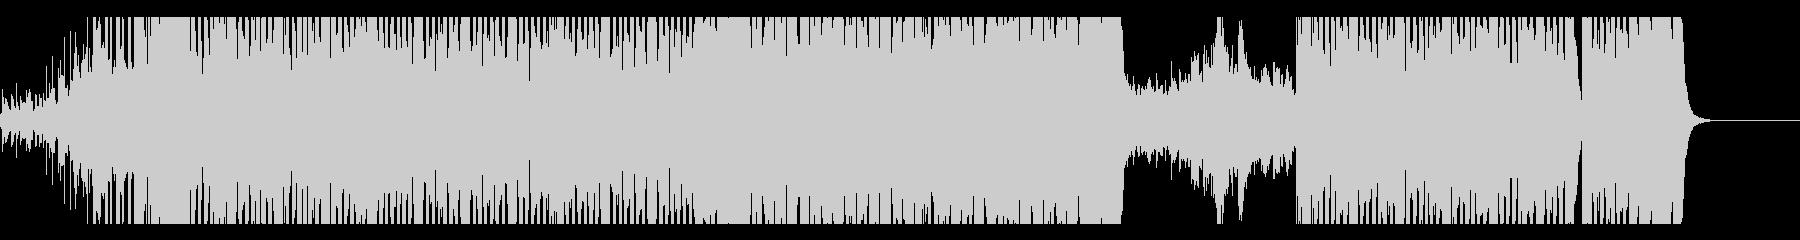 元気でノリのいいEDMの未再生の波形